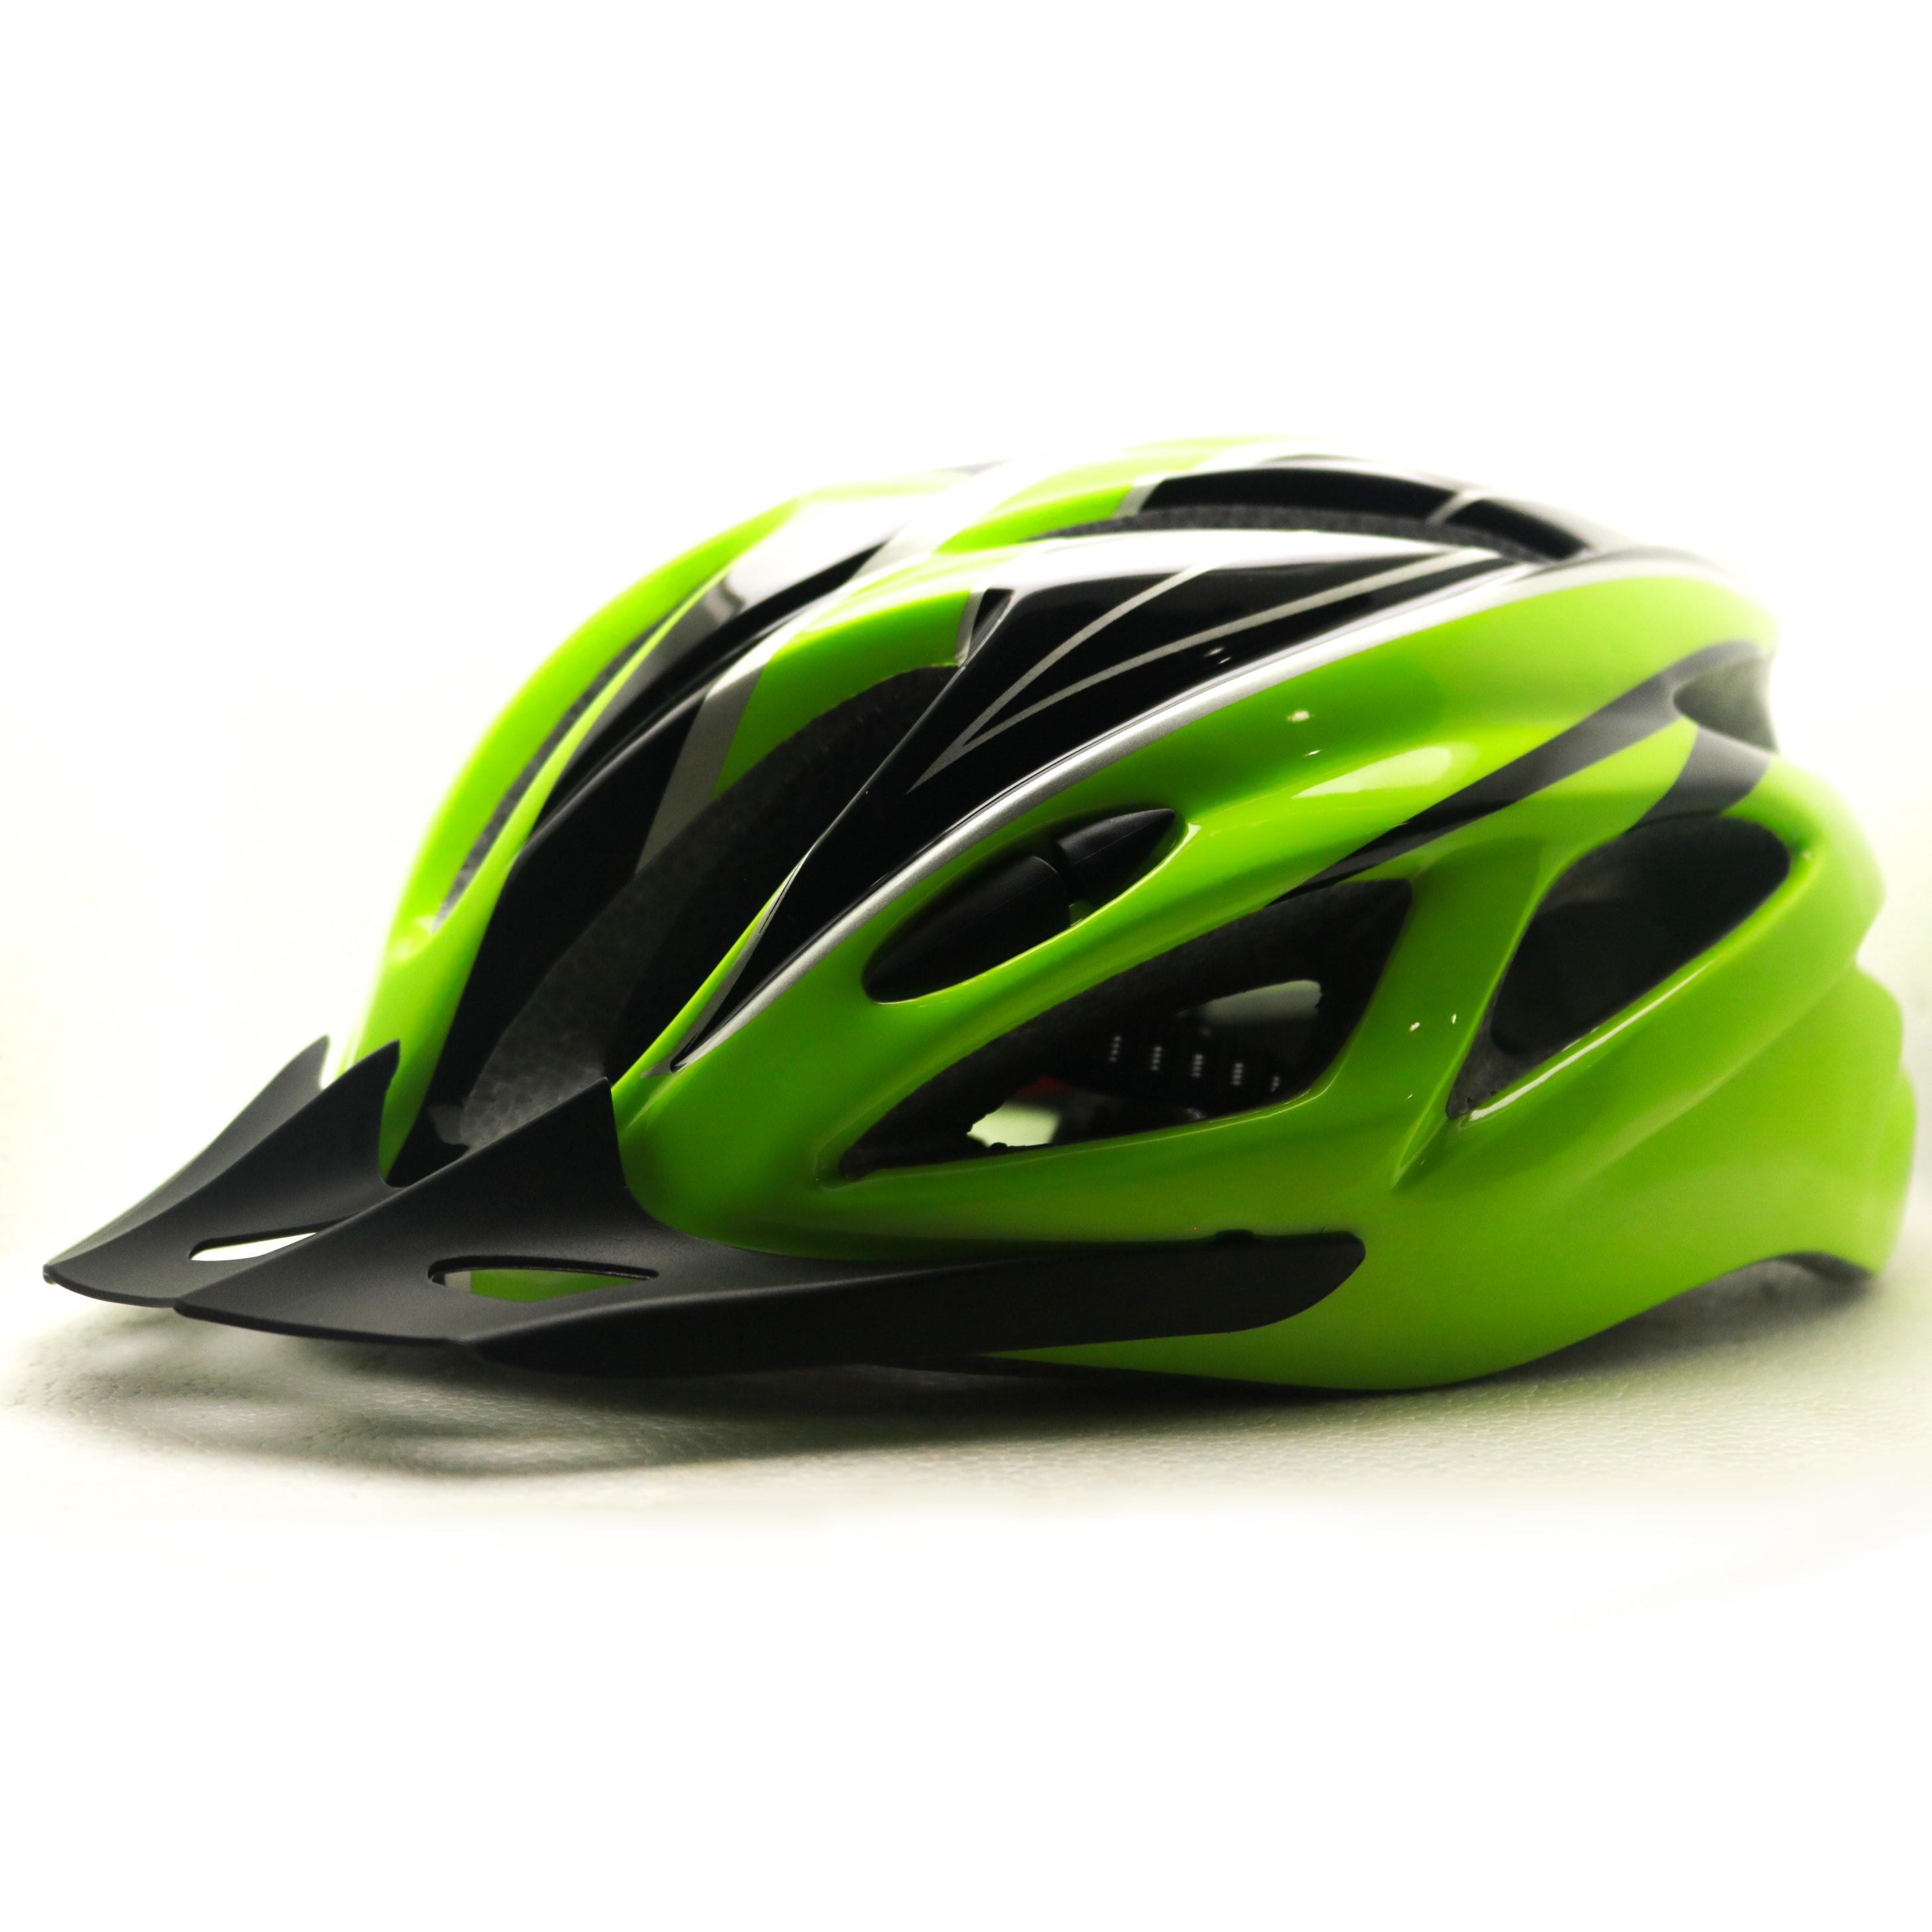 Cycling Helmet - Green